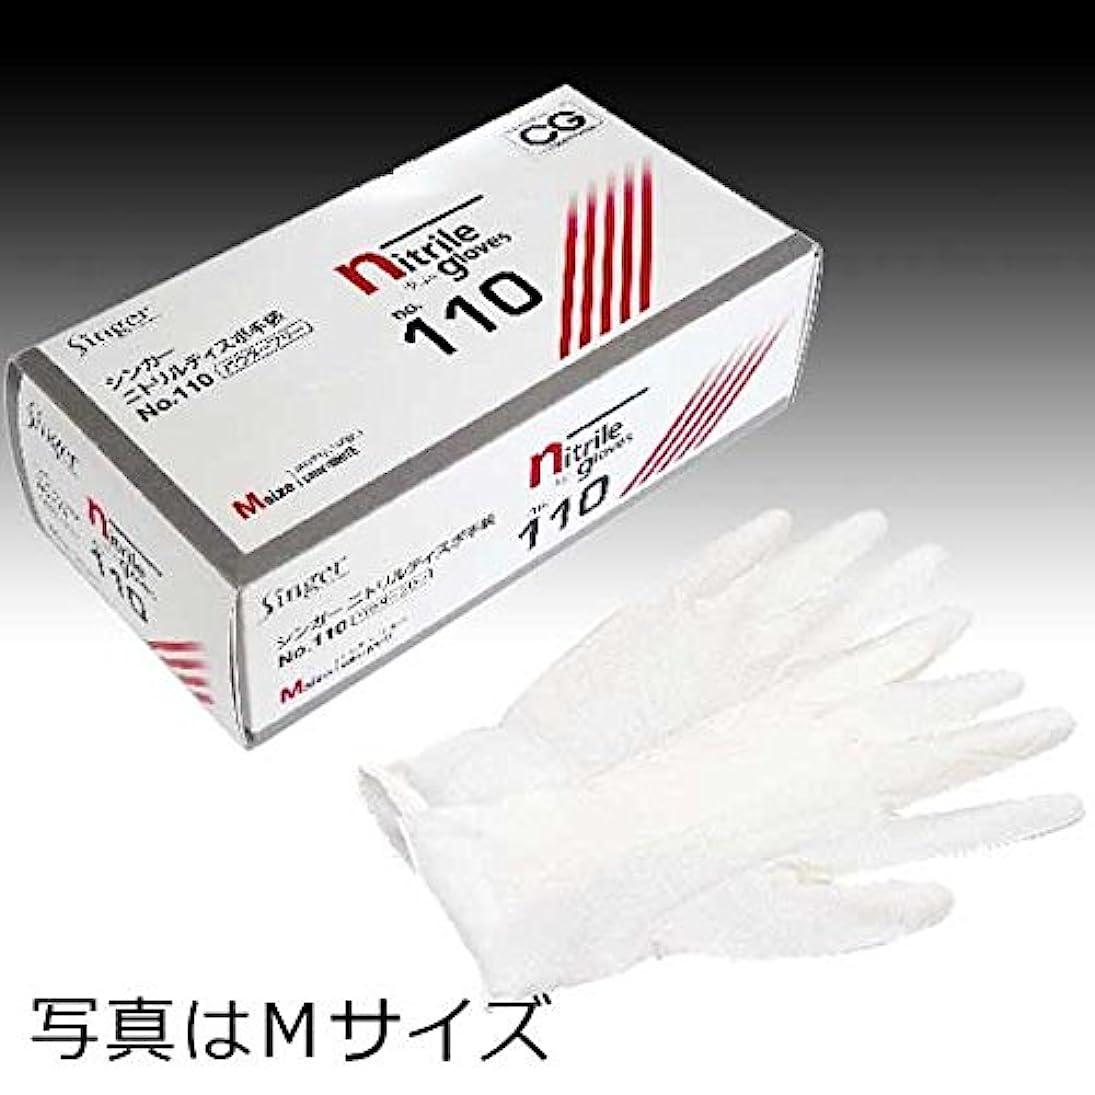 大騒ぎ窓端末シンガーニトリルディスポ No.100 使い捨て手袋 粉つき2000枚 (100枚入り×20箱) (L)